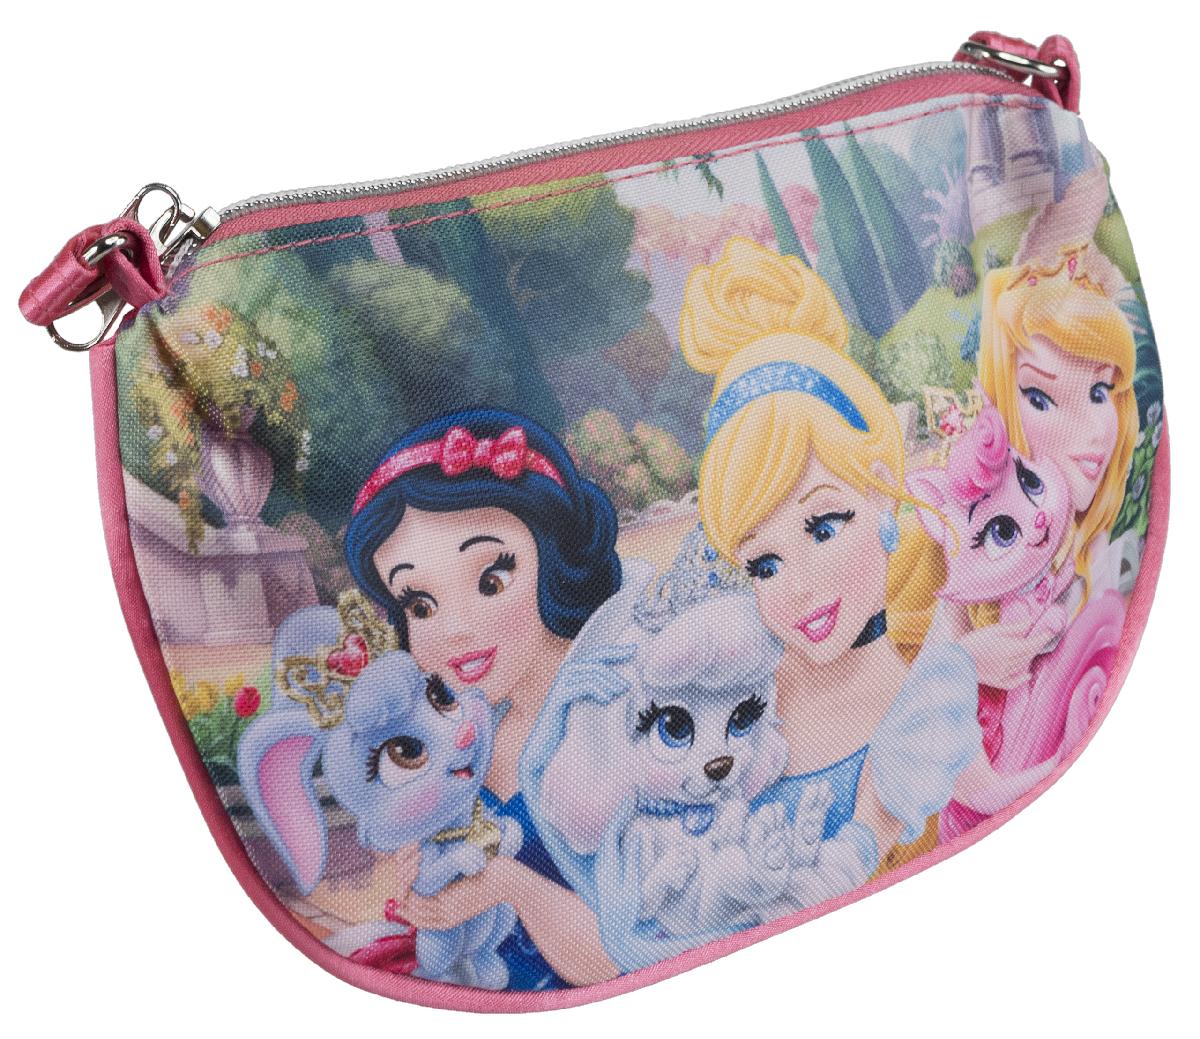 Яркая сумочка Princess станет незаменимым аксессуаром для вашей маленькой модницы!  Она изготовлена из текстильного материала и оформлена объемной аппликацией в виде изображений любимых сказочных героев. Сумка имеет одно отделение и закрывается на застежку-молнию.   Ваша малышка с удовольствием будет носить в ней свои вещи, любимые игрушки или аксессуары. Порадуйте ее таким замечательным подарком!